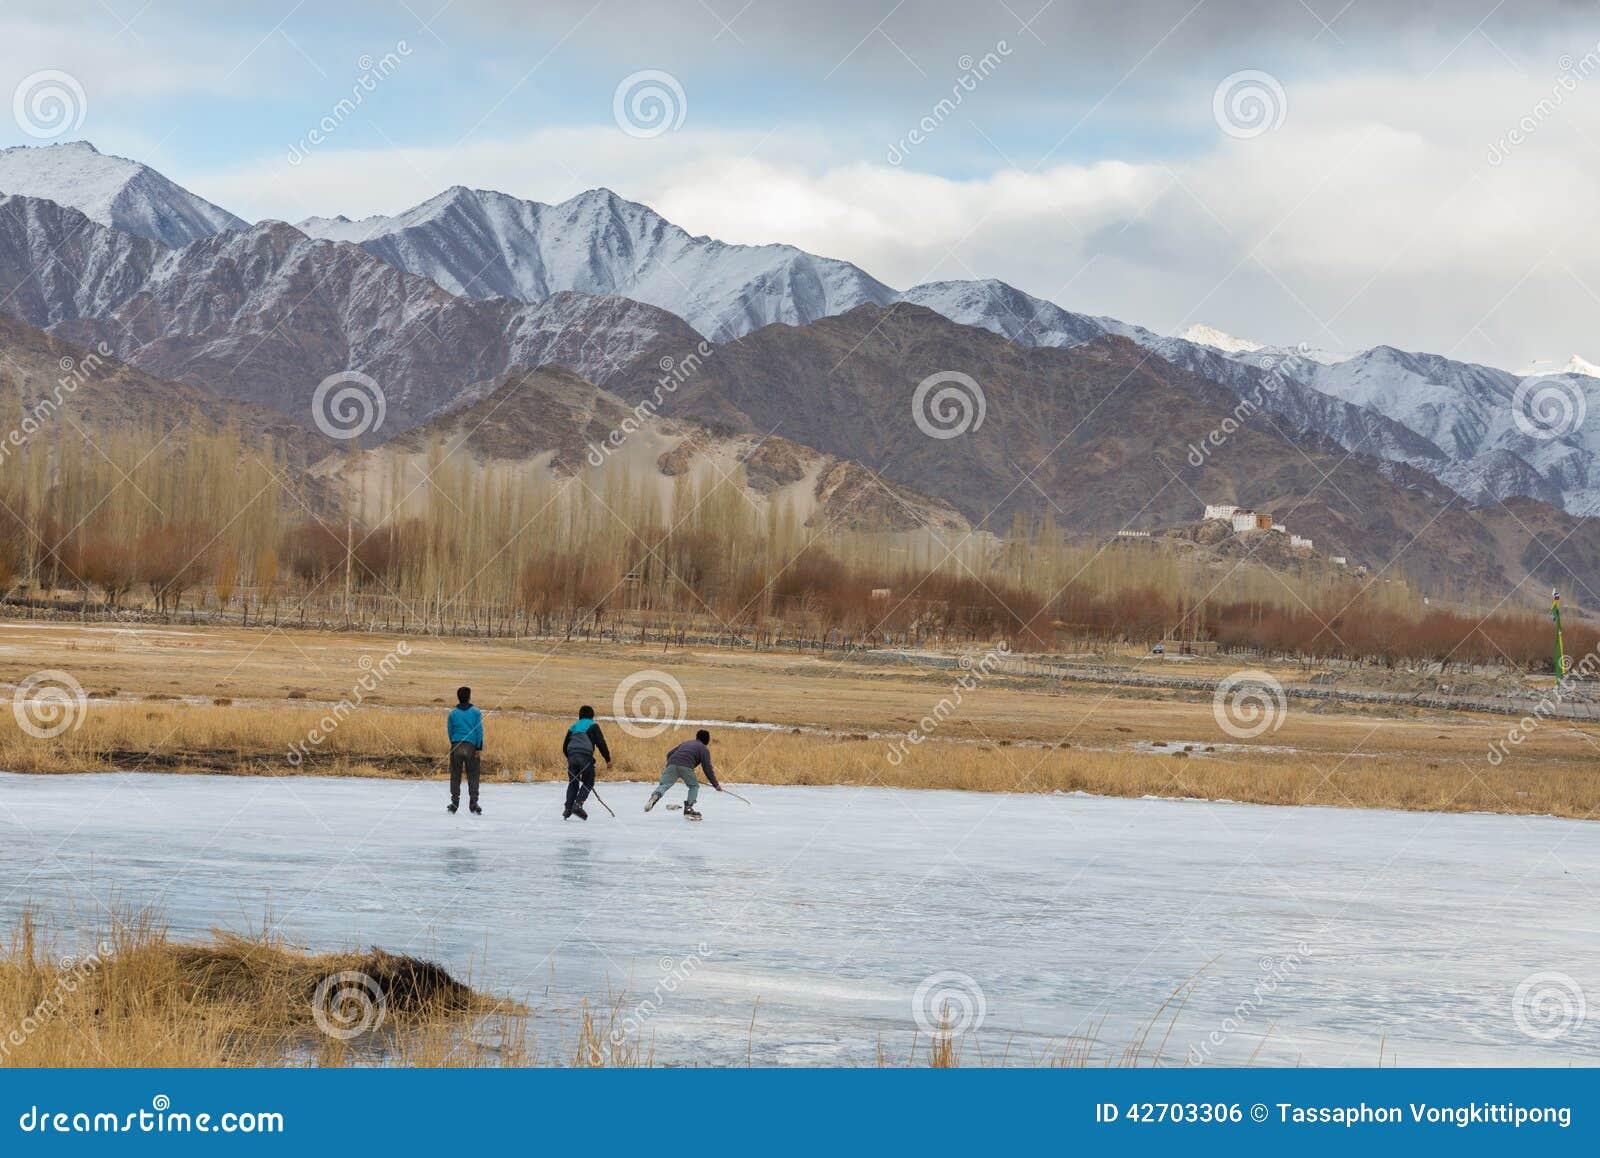 Spielen des Eishockeys auf gefrorenem Teich